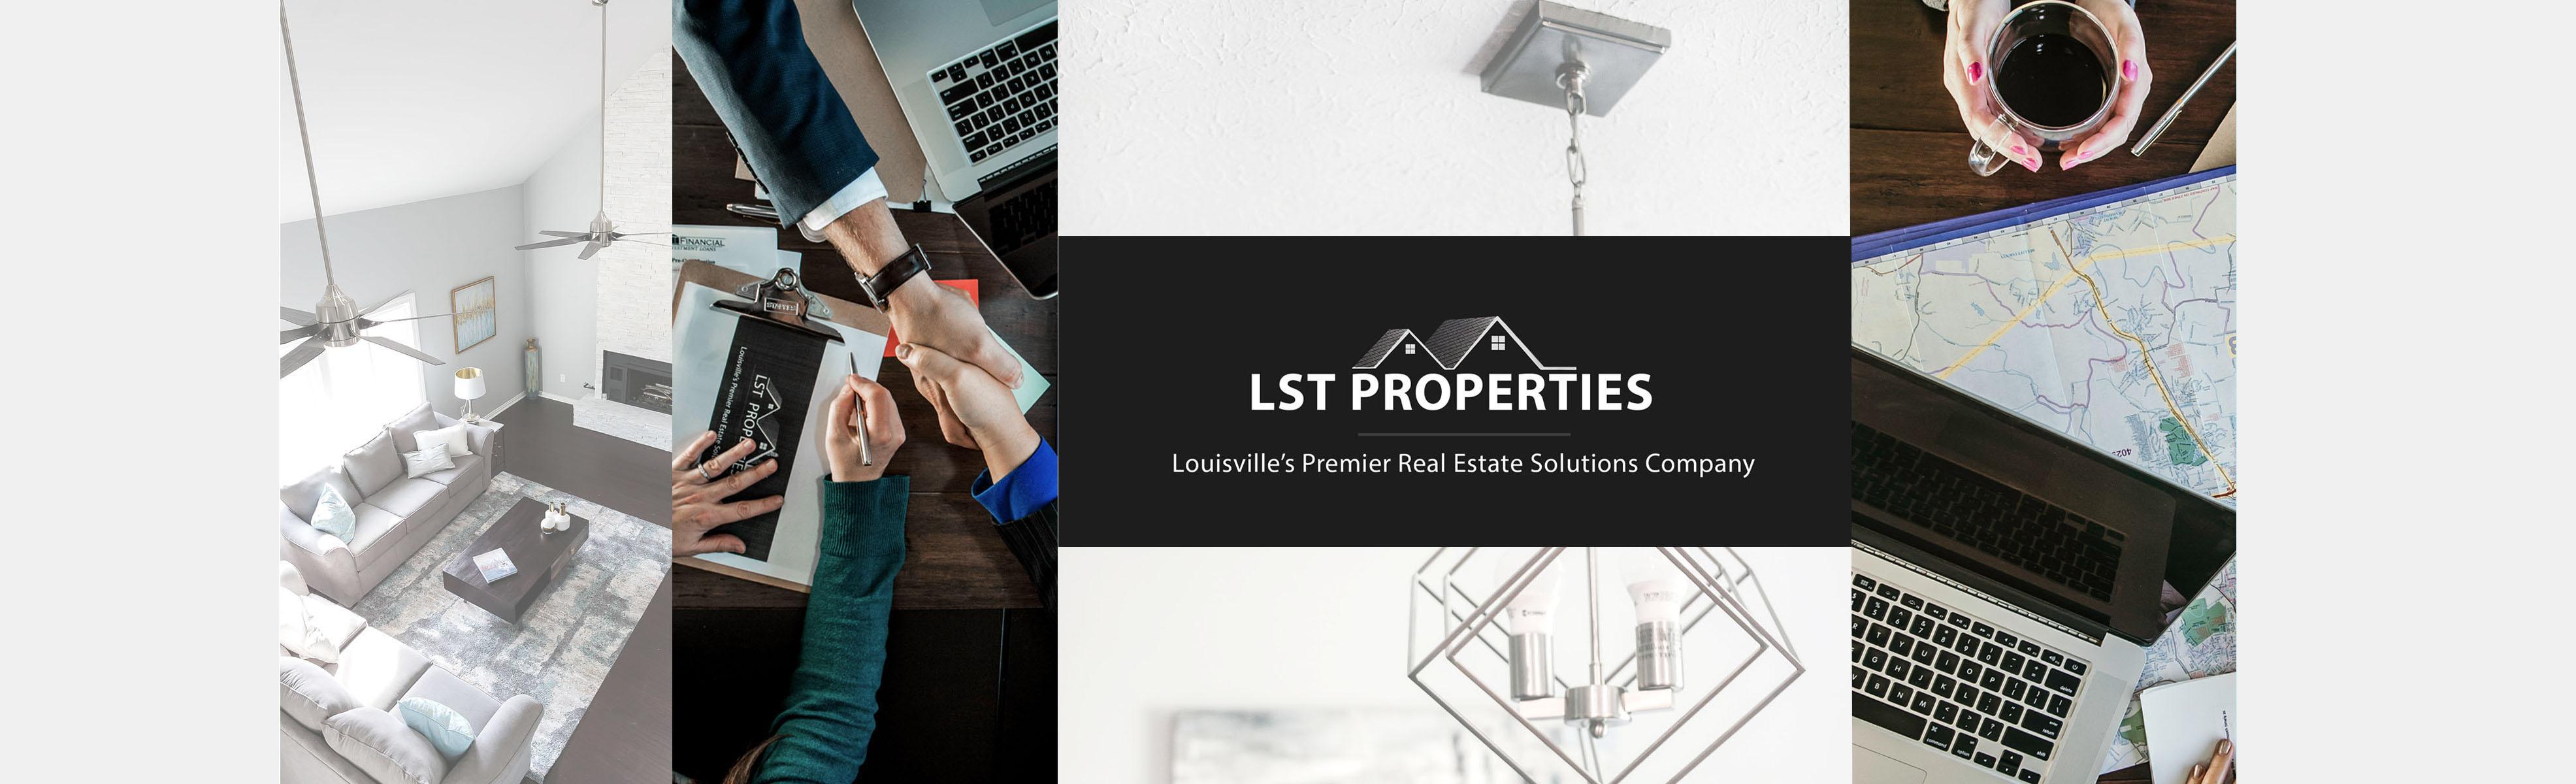 LST Properties